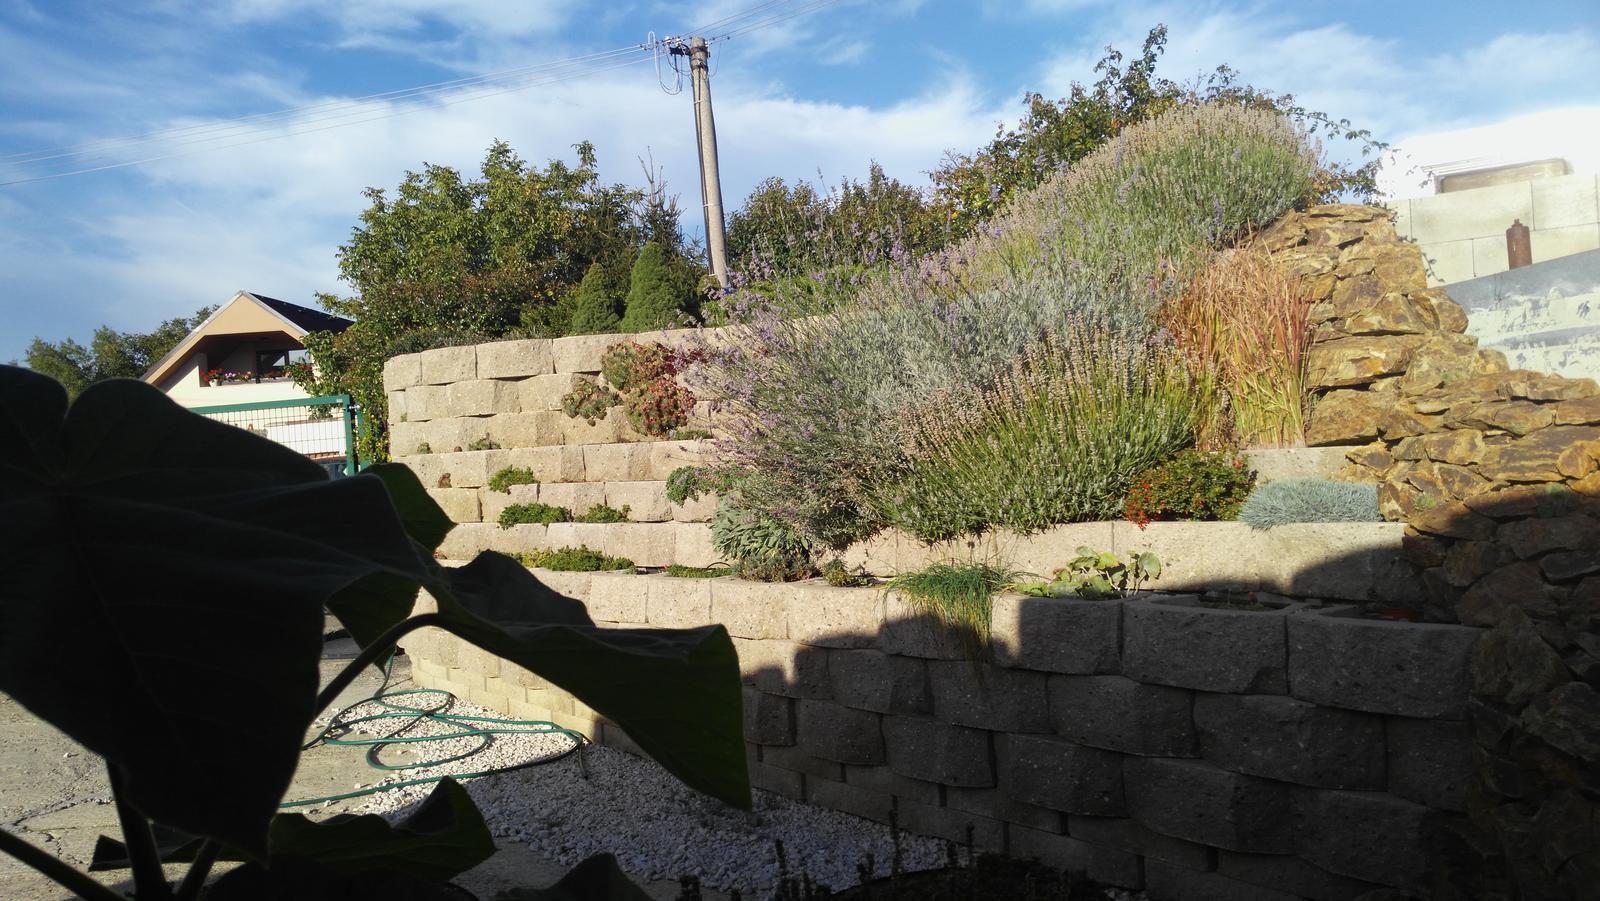 07 Vegetačný oporný múr sa na jar prebúdza ( rozšírené 19.6.2020 ) - 2017 10 04_Levandule na jeseň, vľavo Pavlovnia vypestovaná zo semiačka pripravená na presadenie